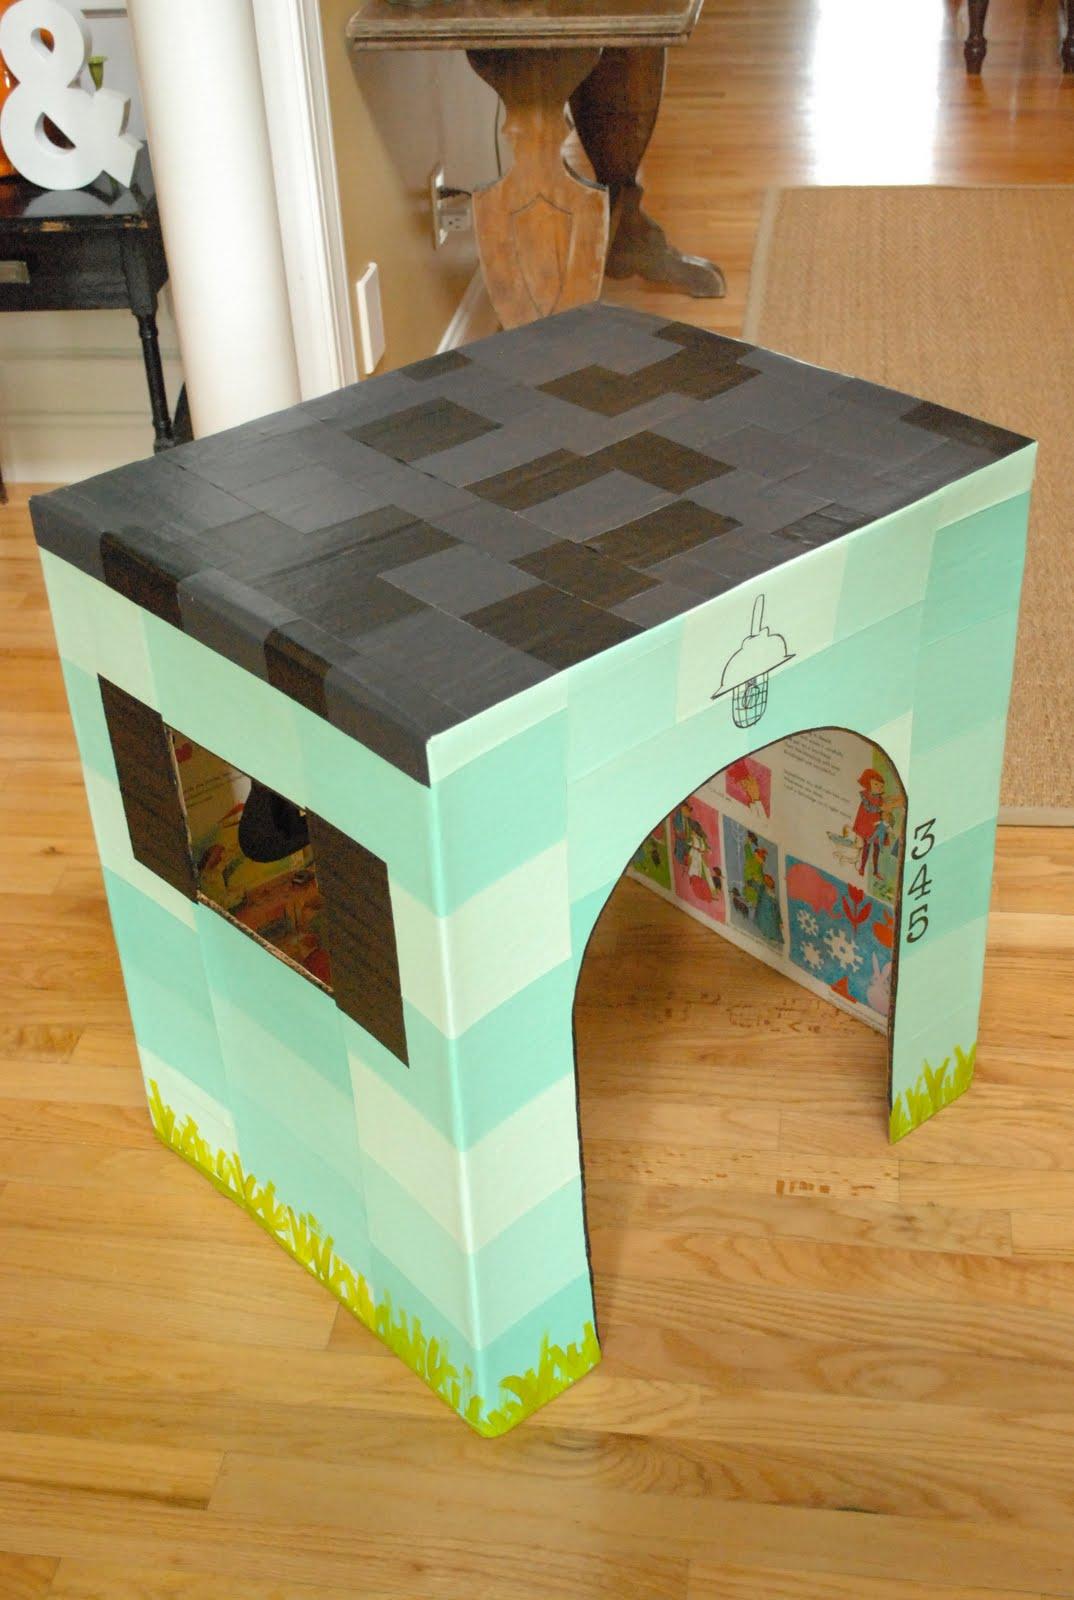 Делаем эконом мебель из картона: стол, полки для книг и обуви 9